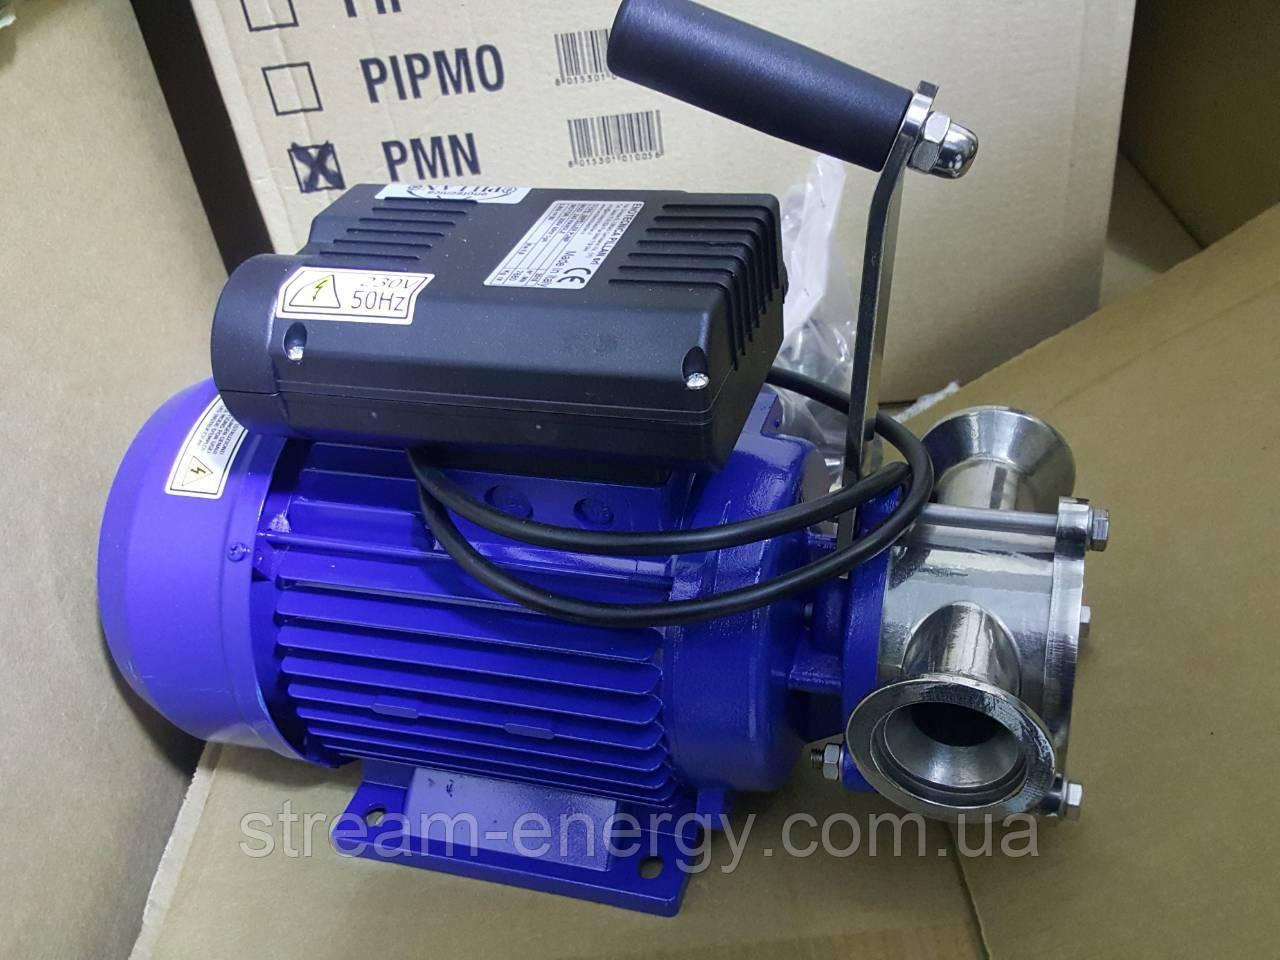 Импеллерный насос T40 - 5.3 м3/ч, 220В